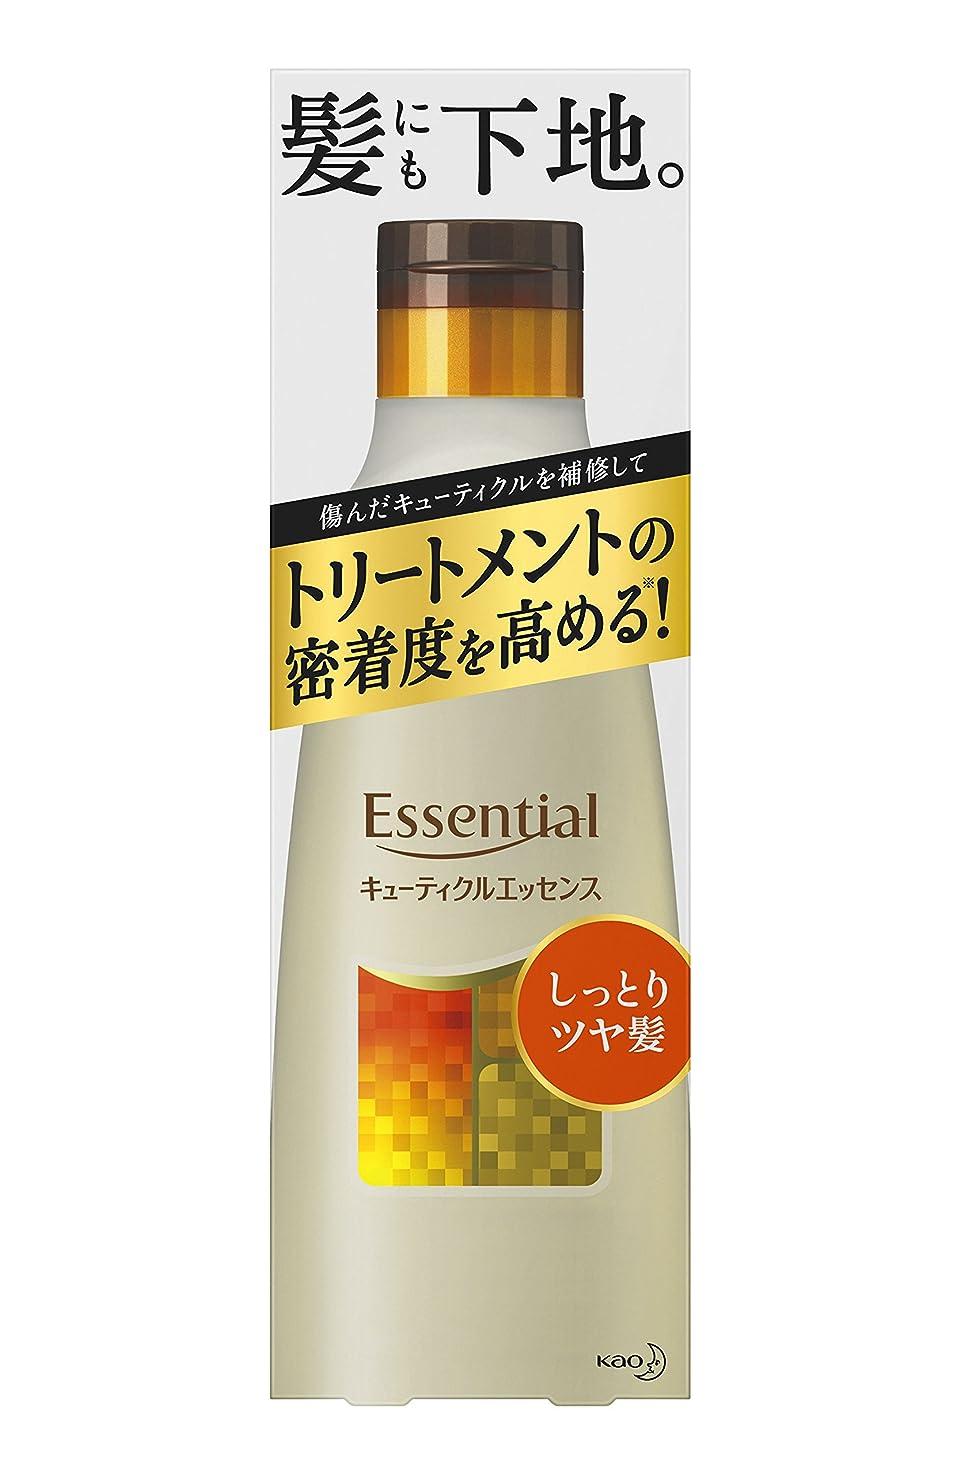 光沢放射性冷酷なエッセンシャル しっとりツヤ髪 キューティクルエッセンス 250g (インバス用)